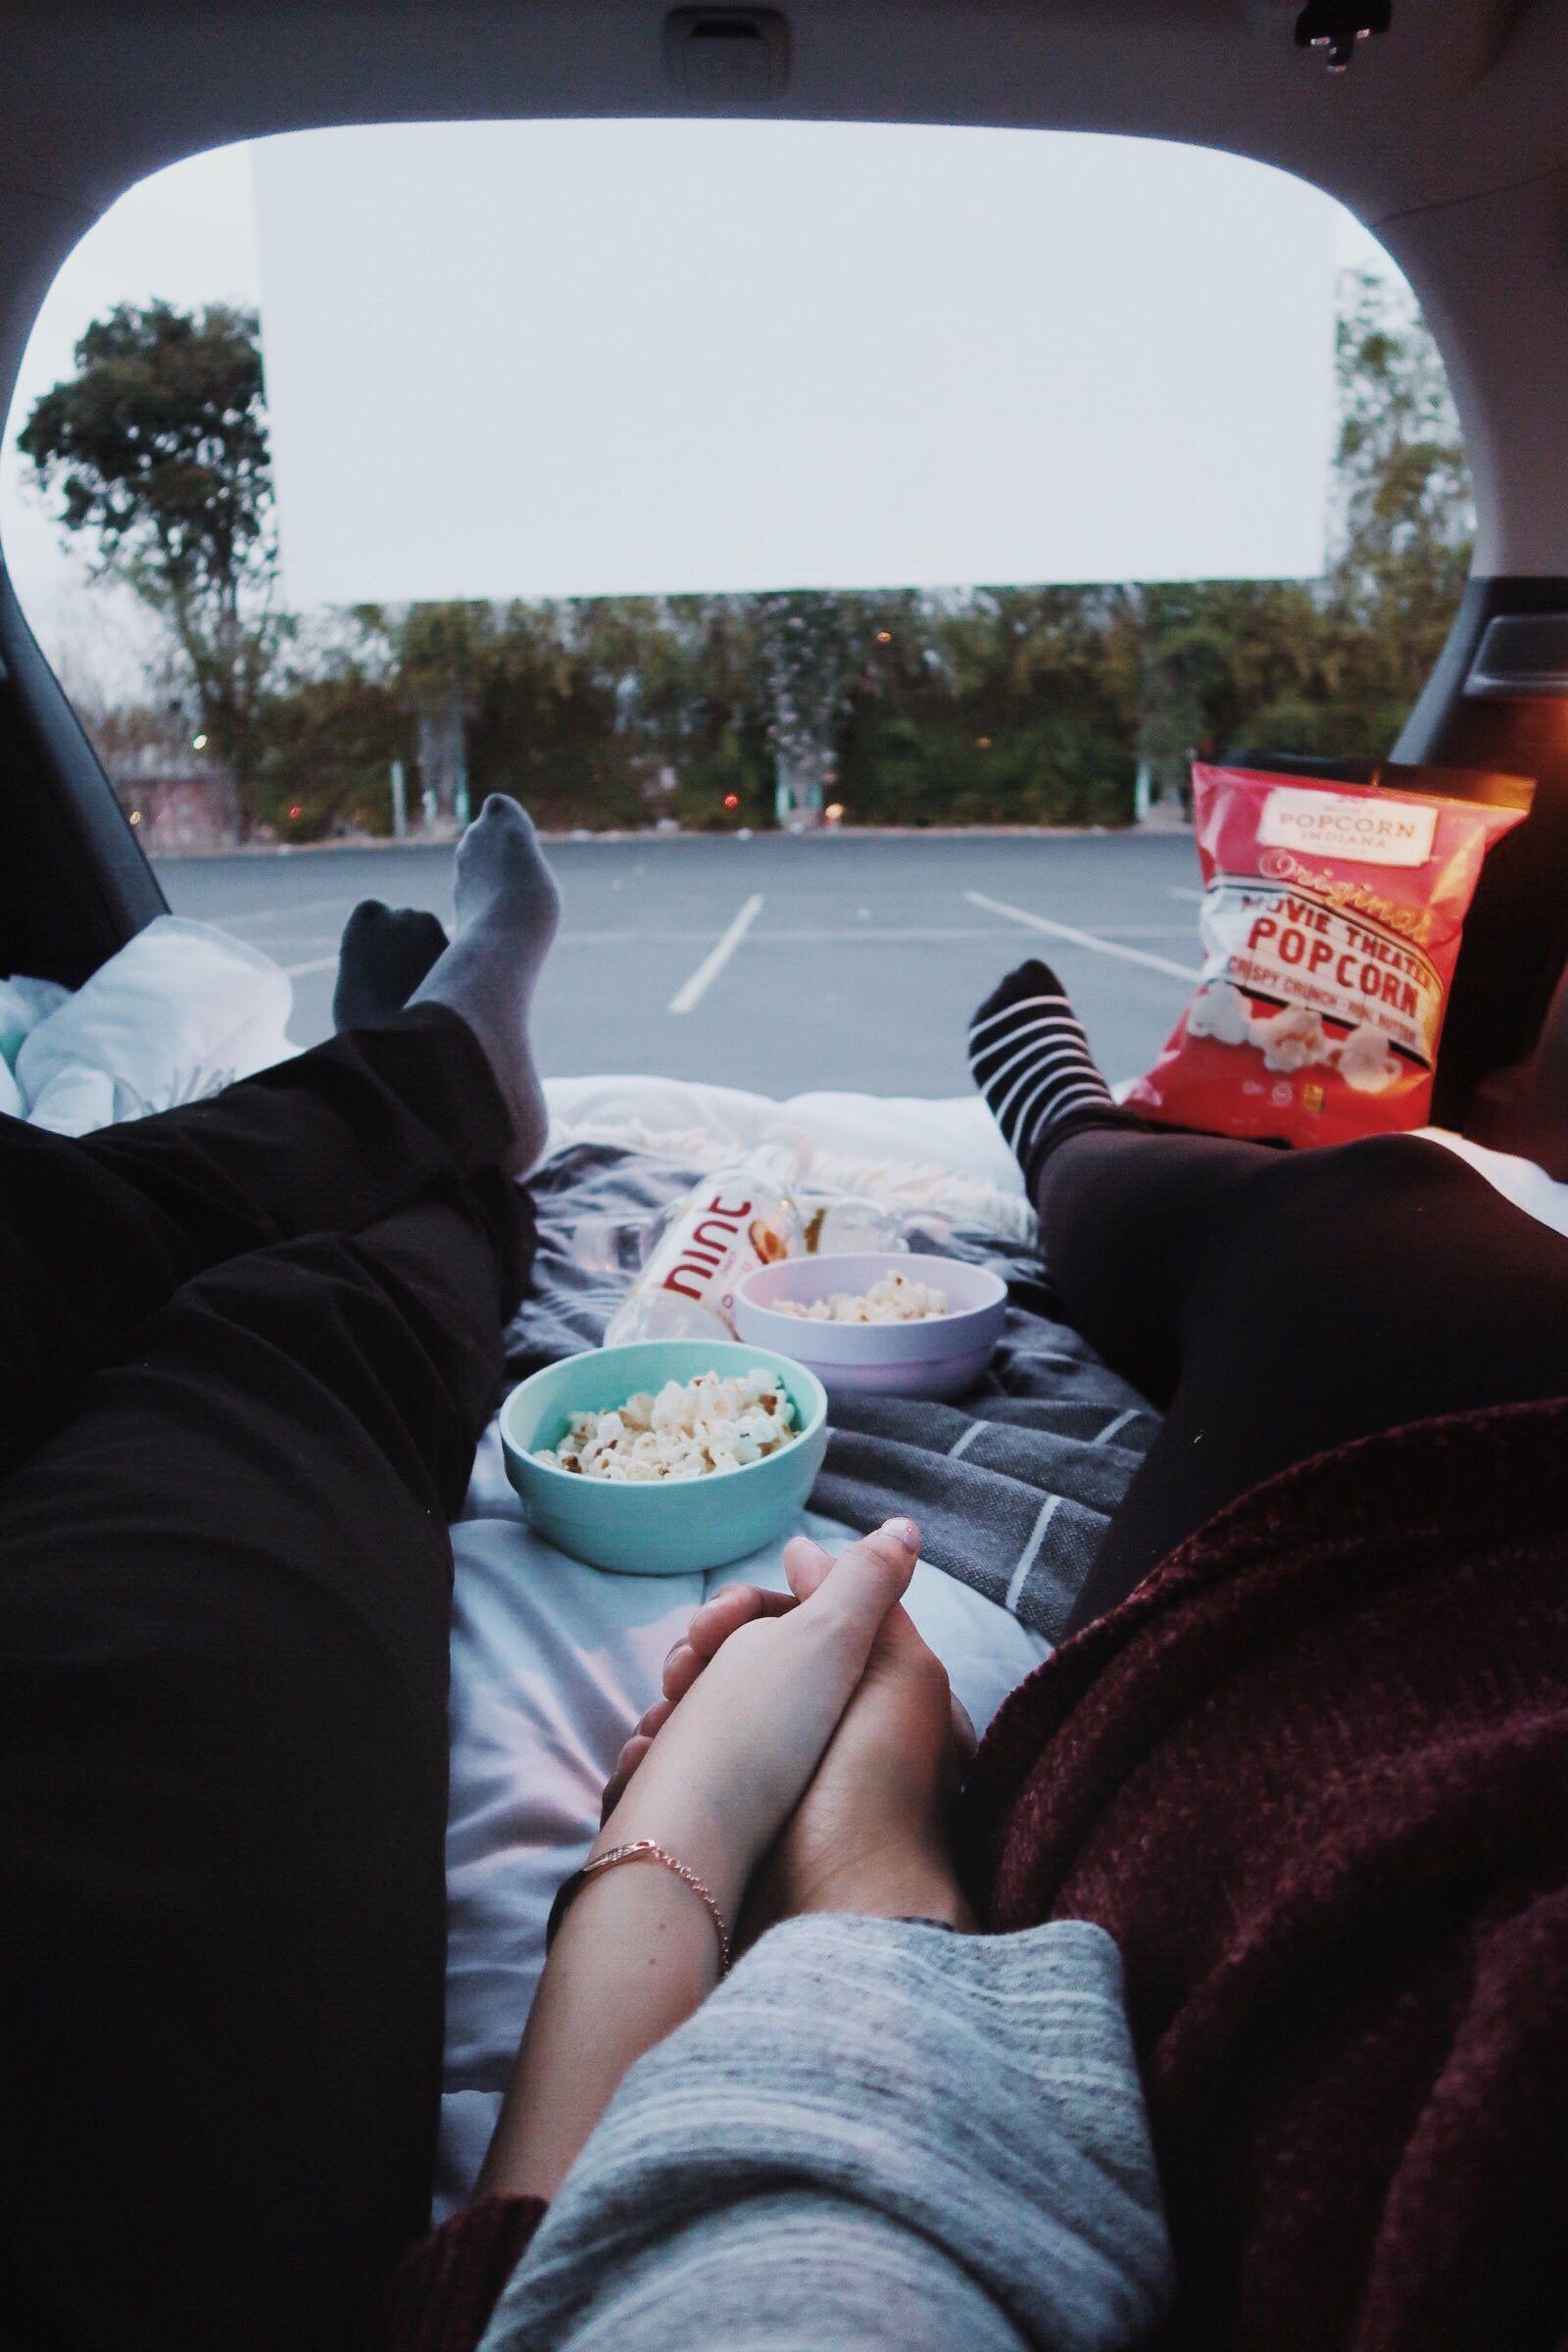 Drive in movie date night